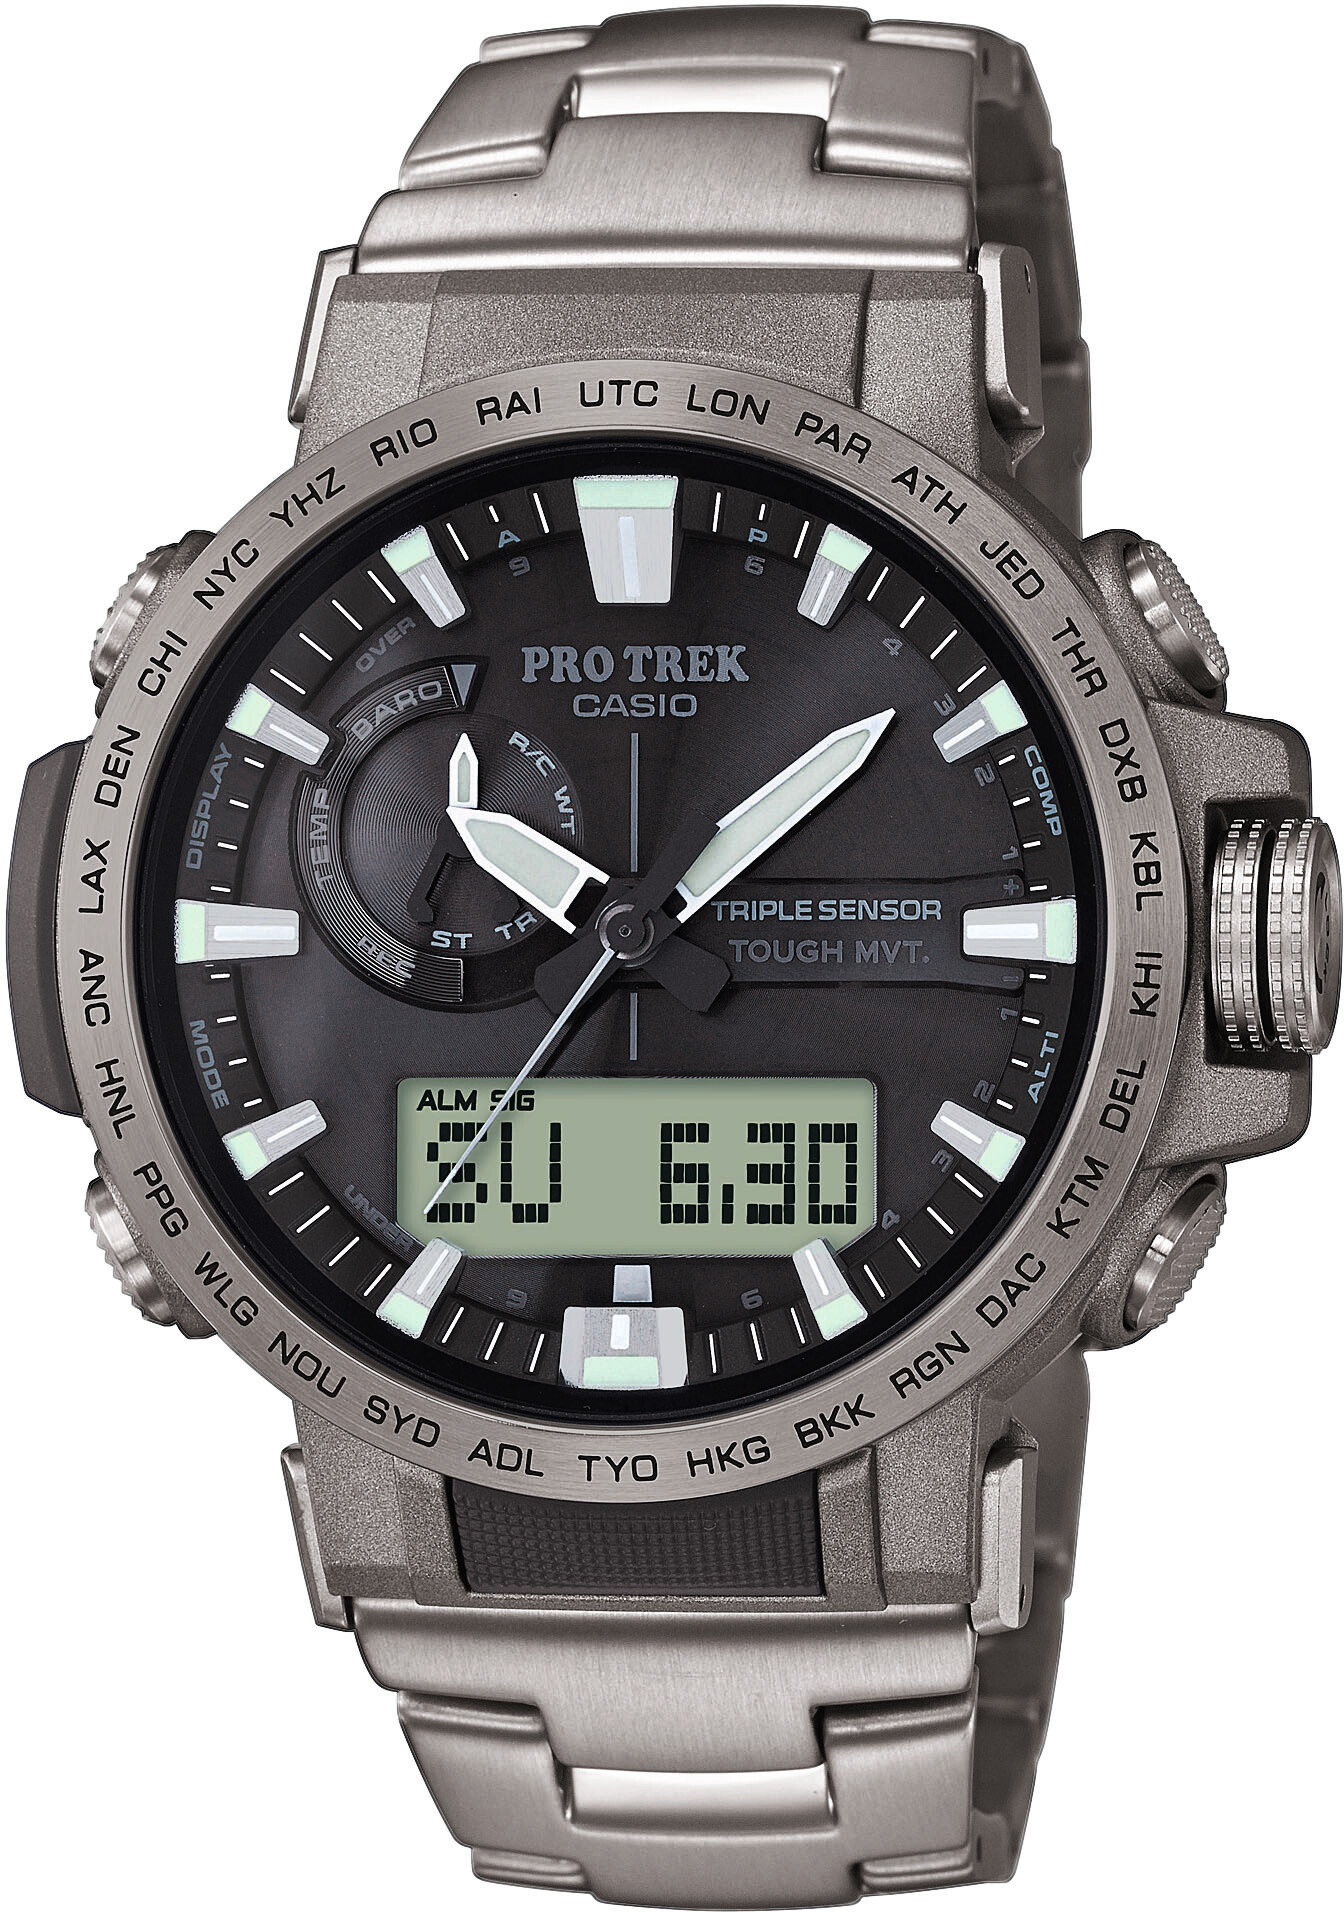 CASIO PRO TREK PRW 60T 7AER Montre Homme, silversilverblack